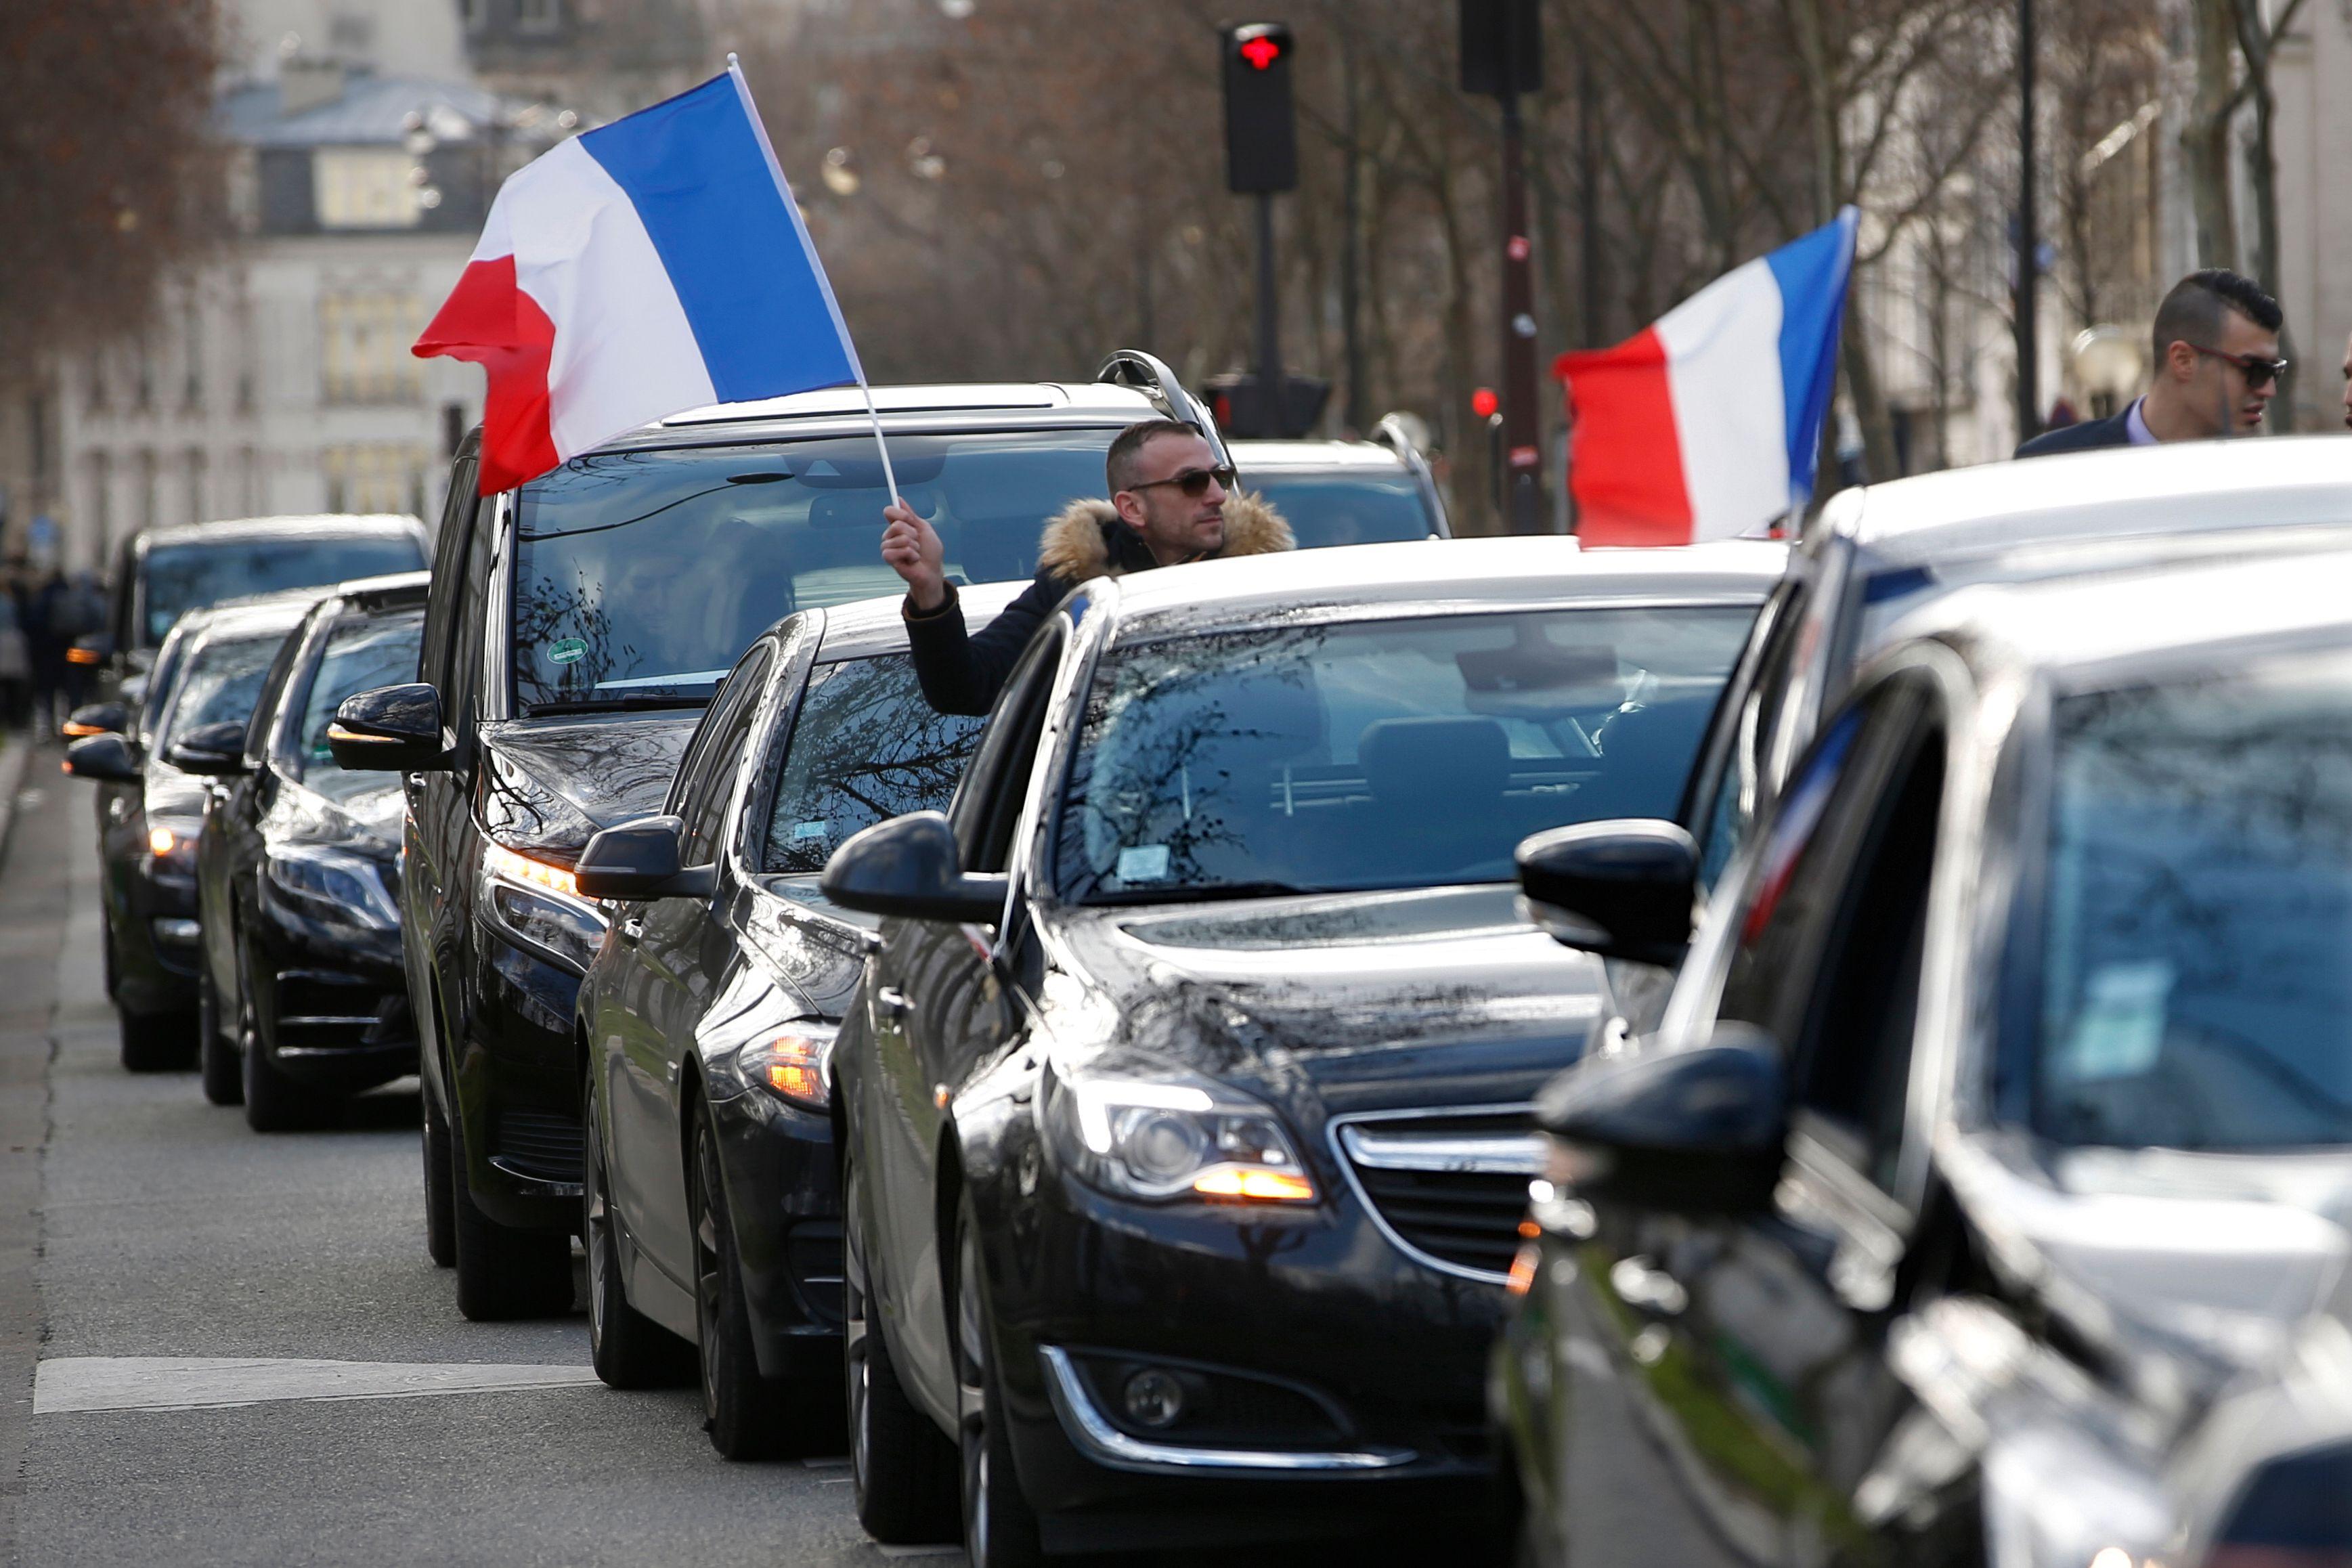 VTC : nouveaux blocages des aéroports parisiens par des chauffeurs en colère